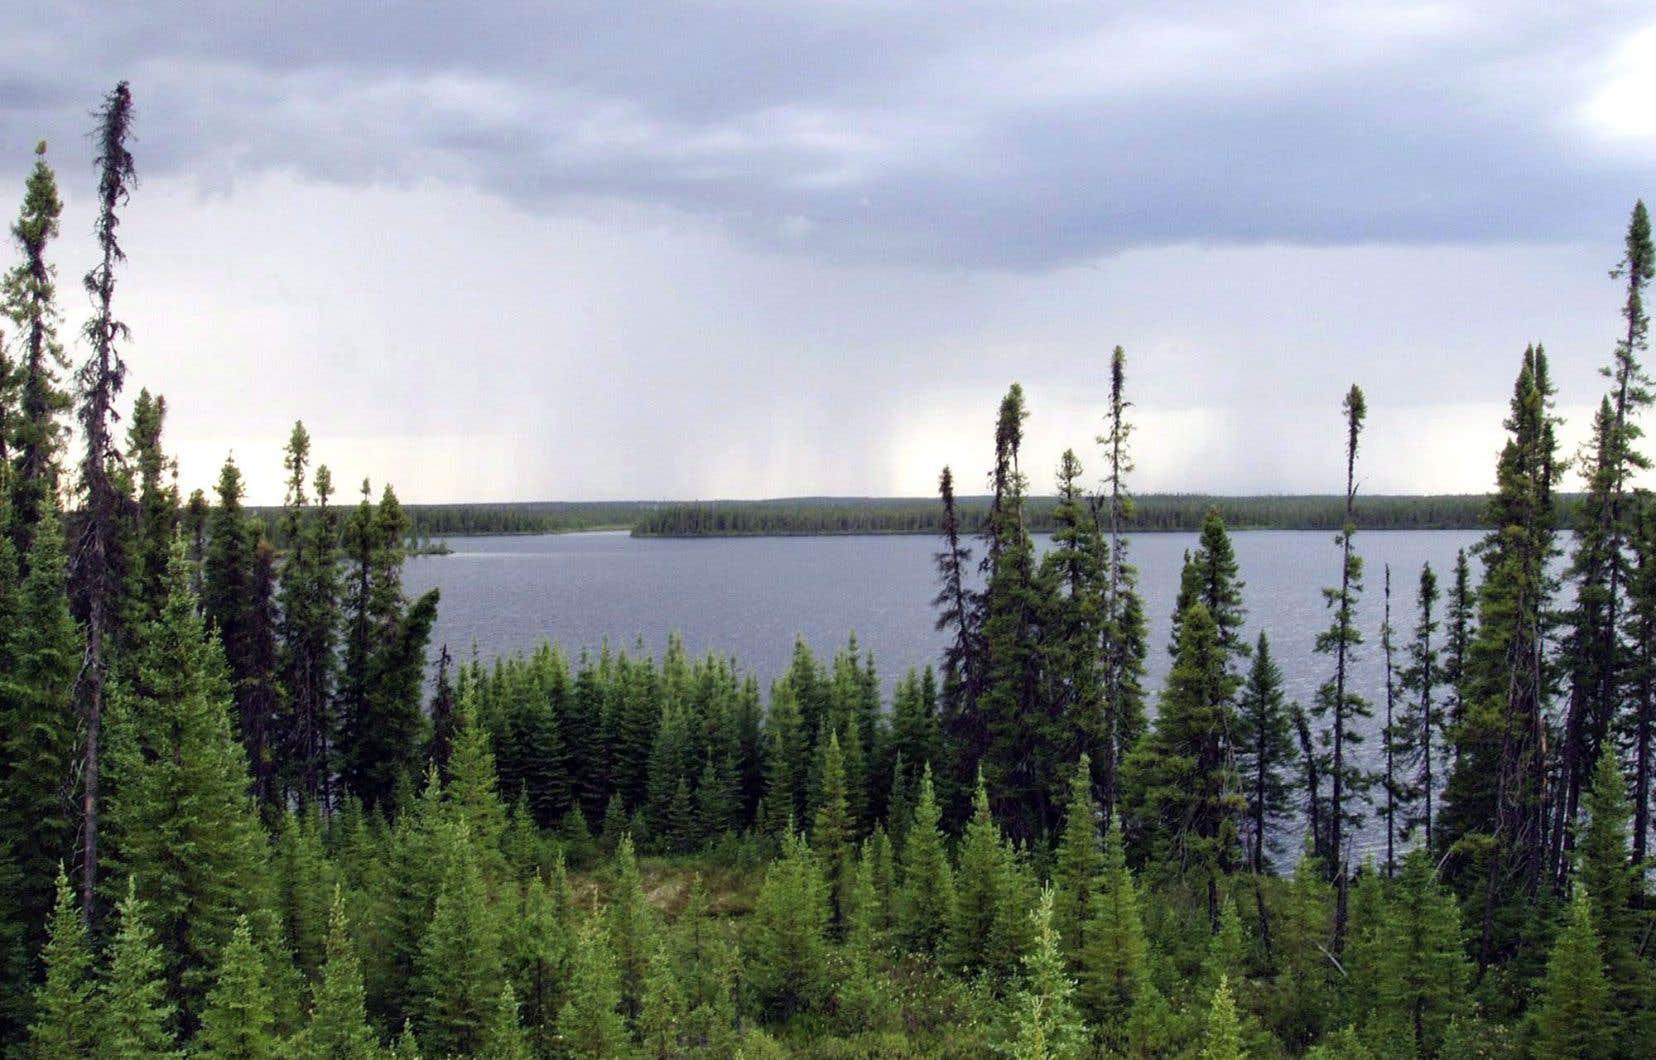 Le Canada abrite 20% des forêts intactes et 24% des milieux humides de la planète, et pourtant, il n'en protège qu'un peu plus de 10%.